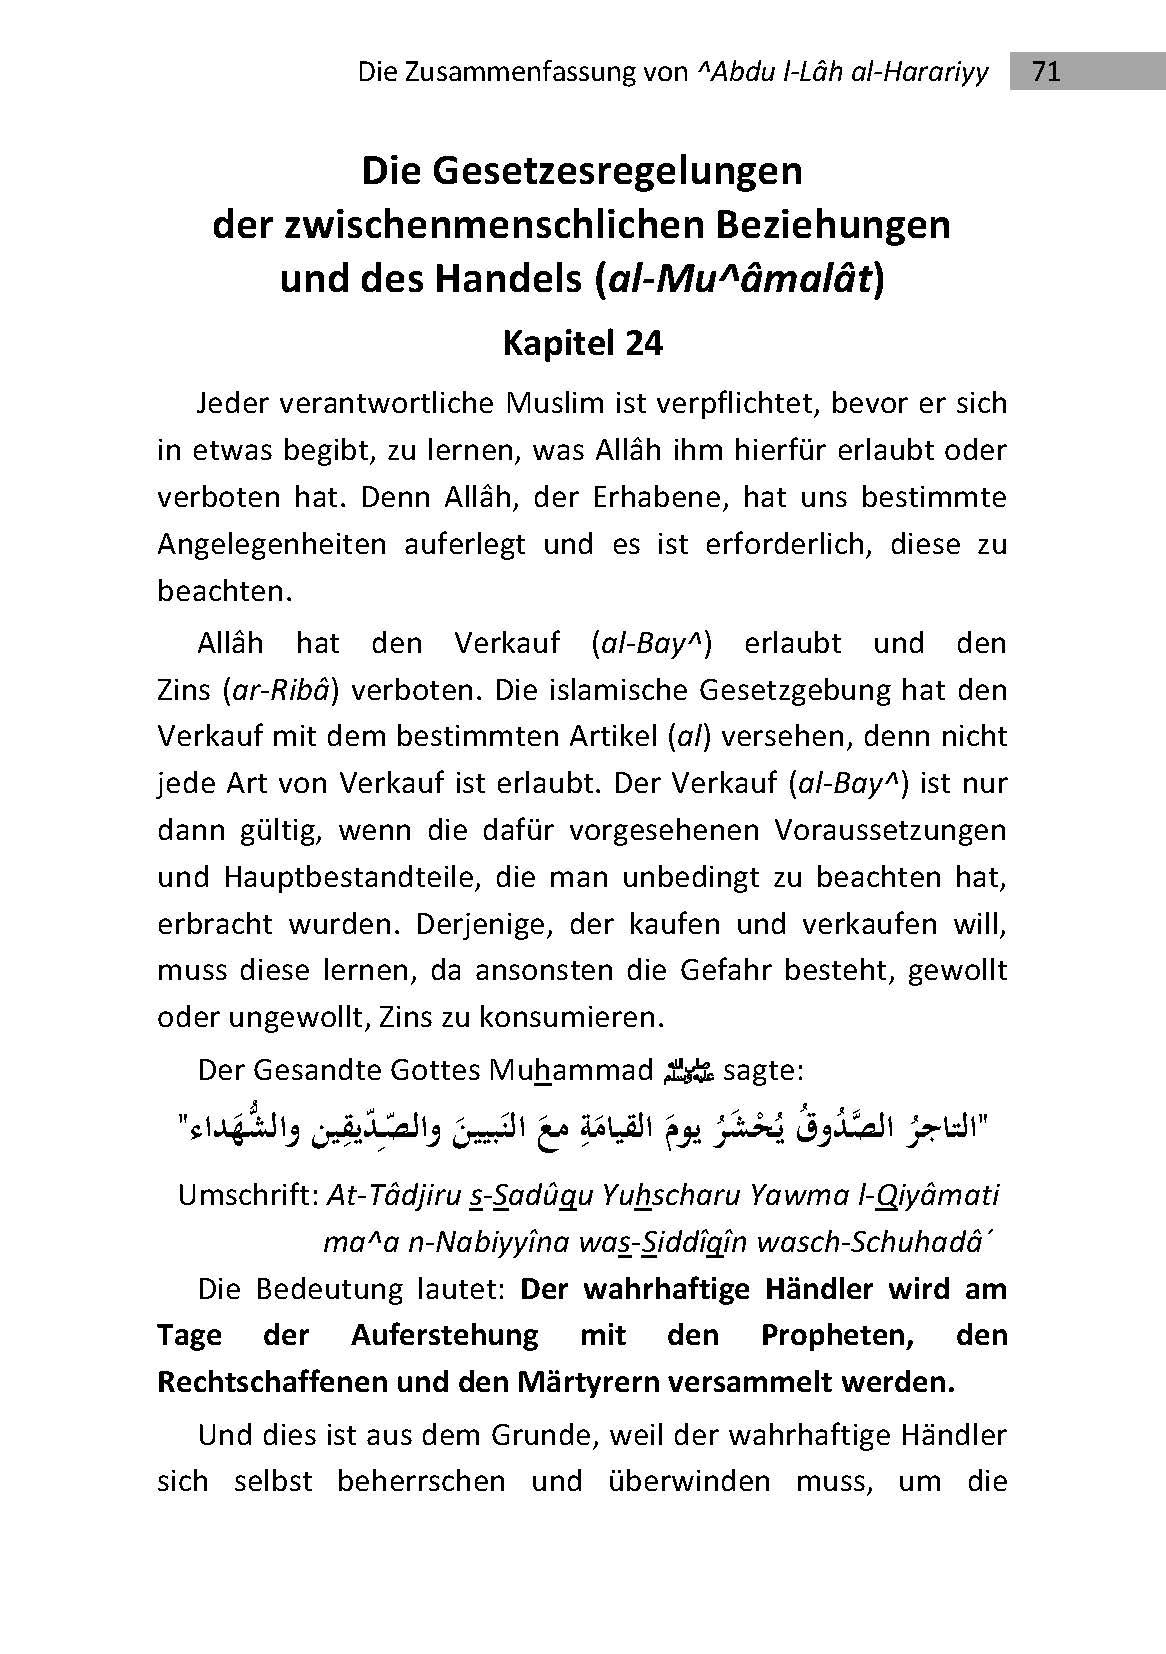 Die Zusammenfassung - 3. Auflage 2014_Seite_71